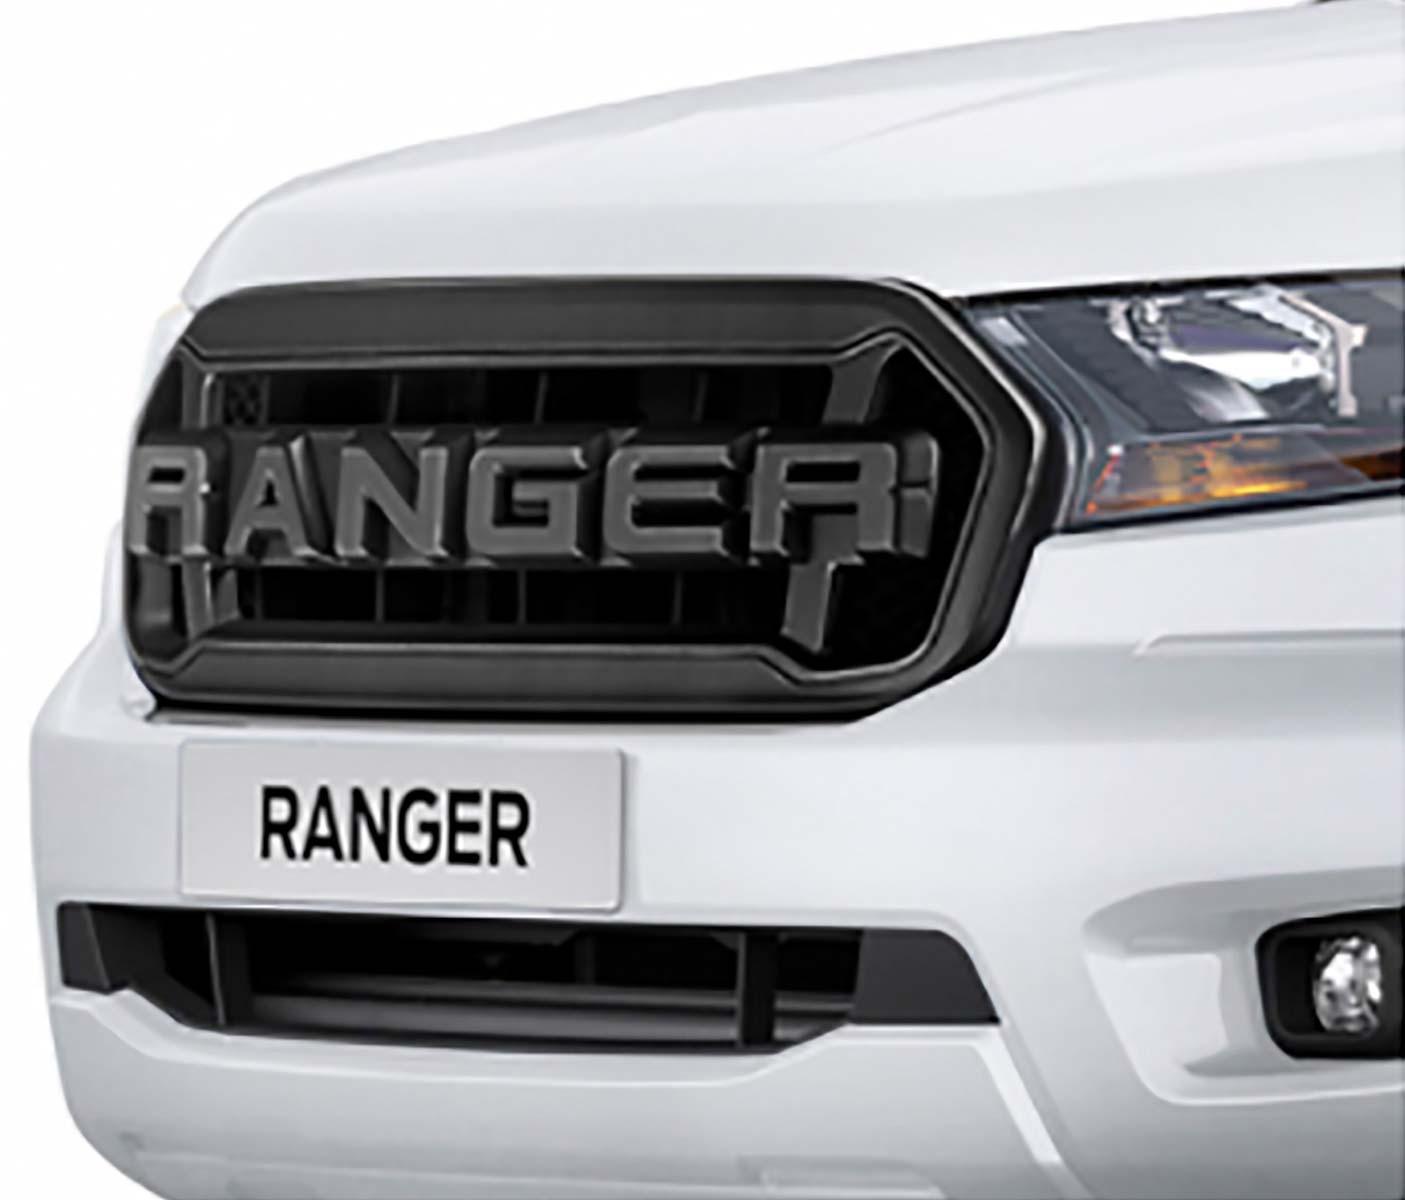 Parrilla Ranger accesorio